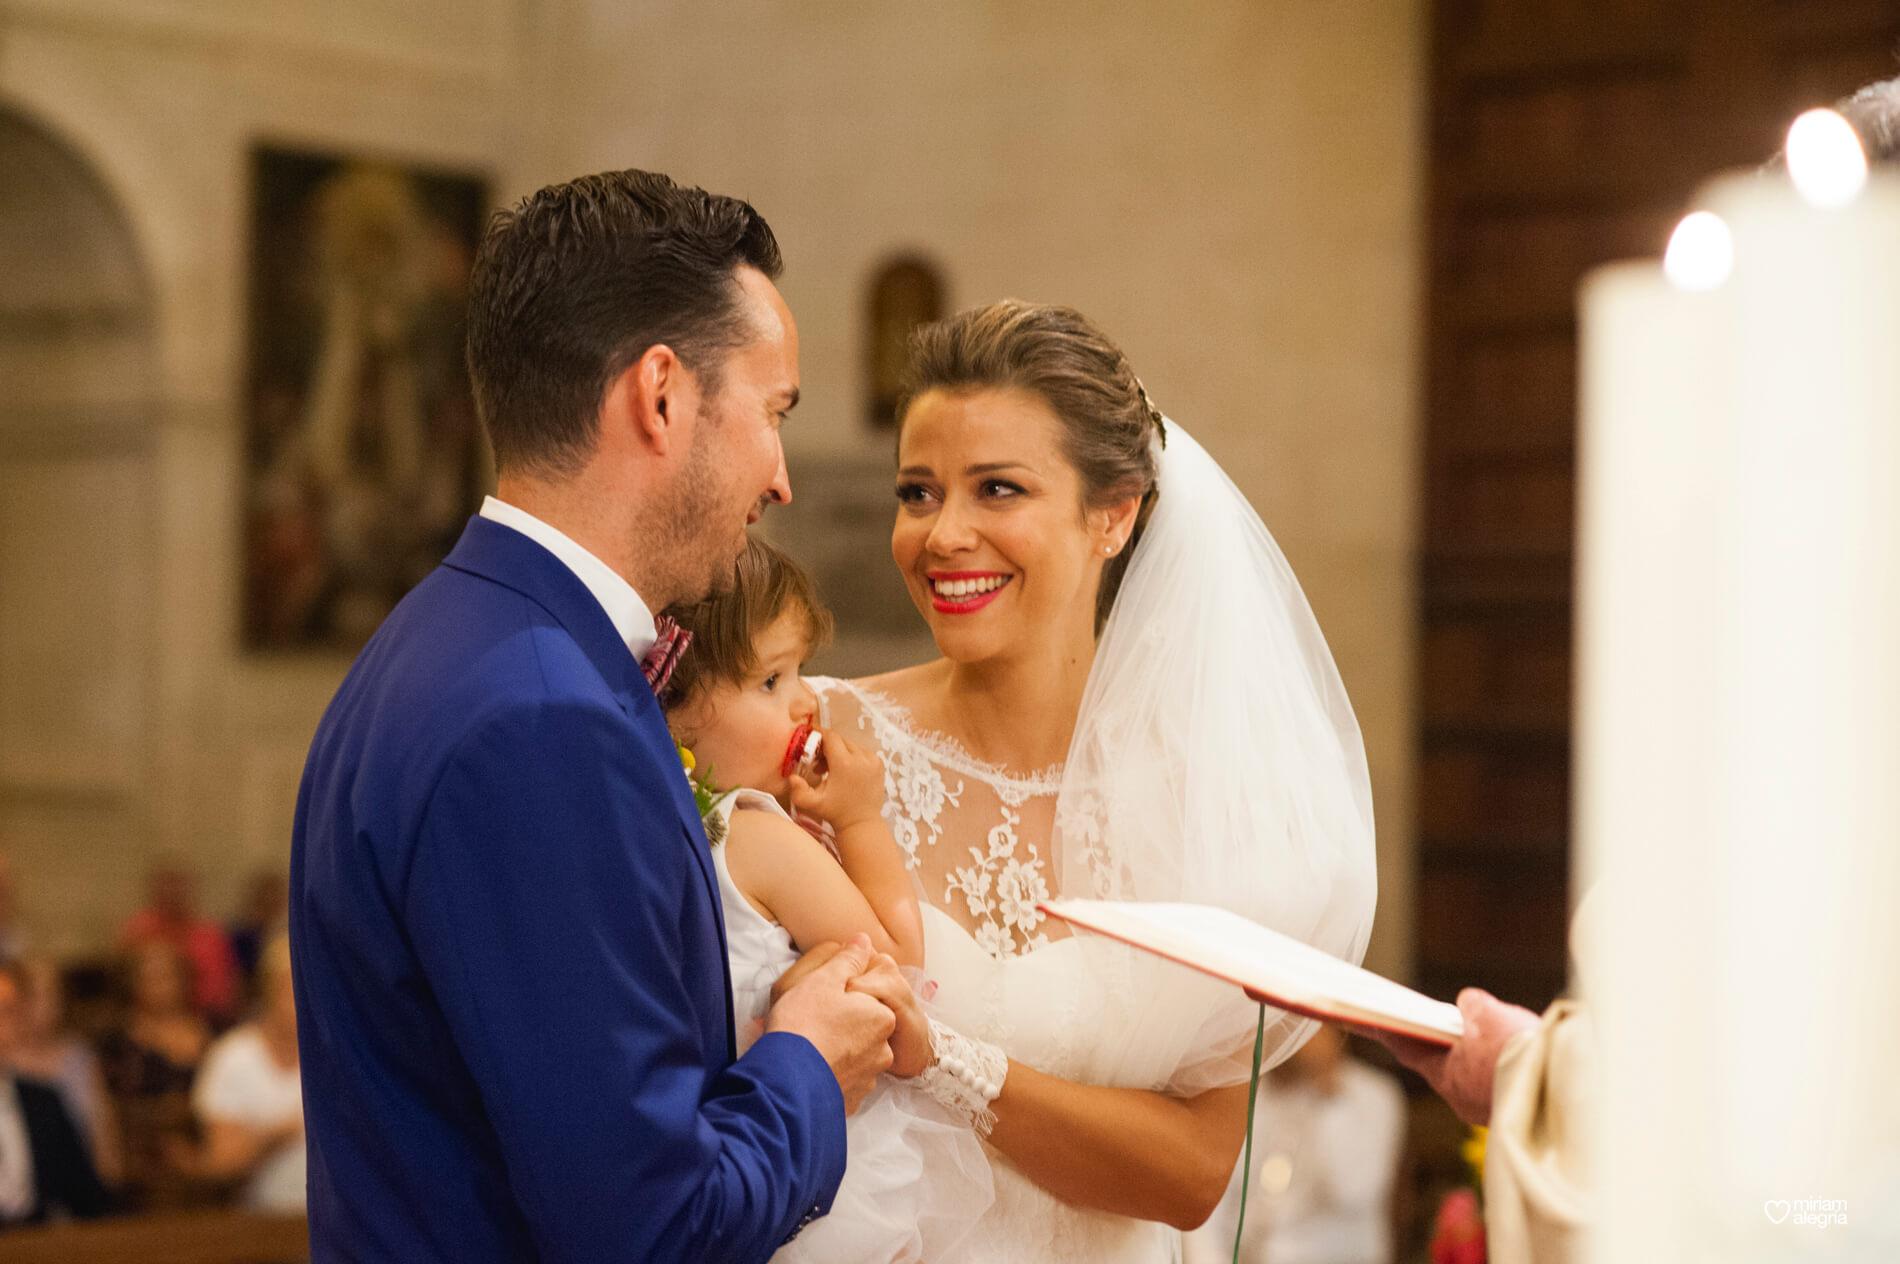 wedding-huerto-del-cura-elche-miriam-alegria-fotografos-boda-225